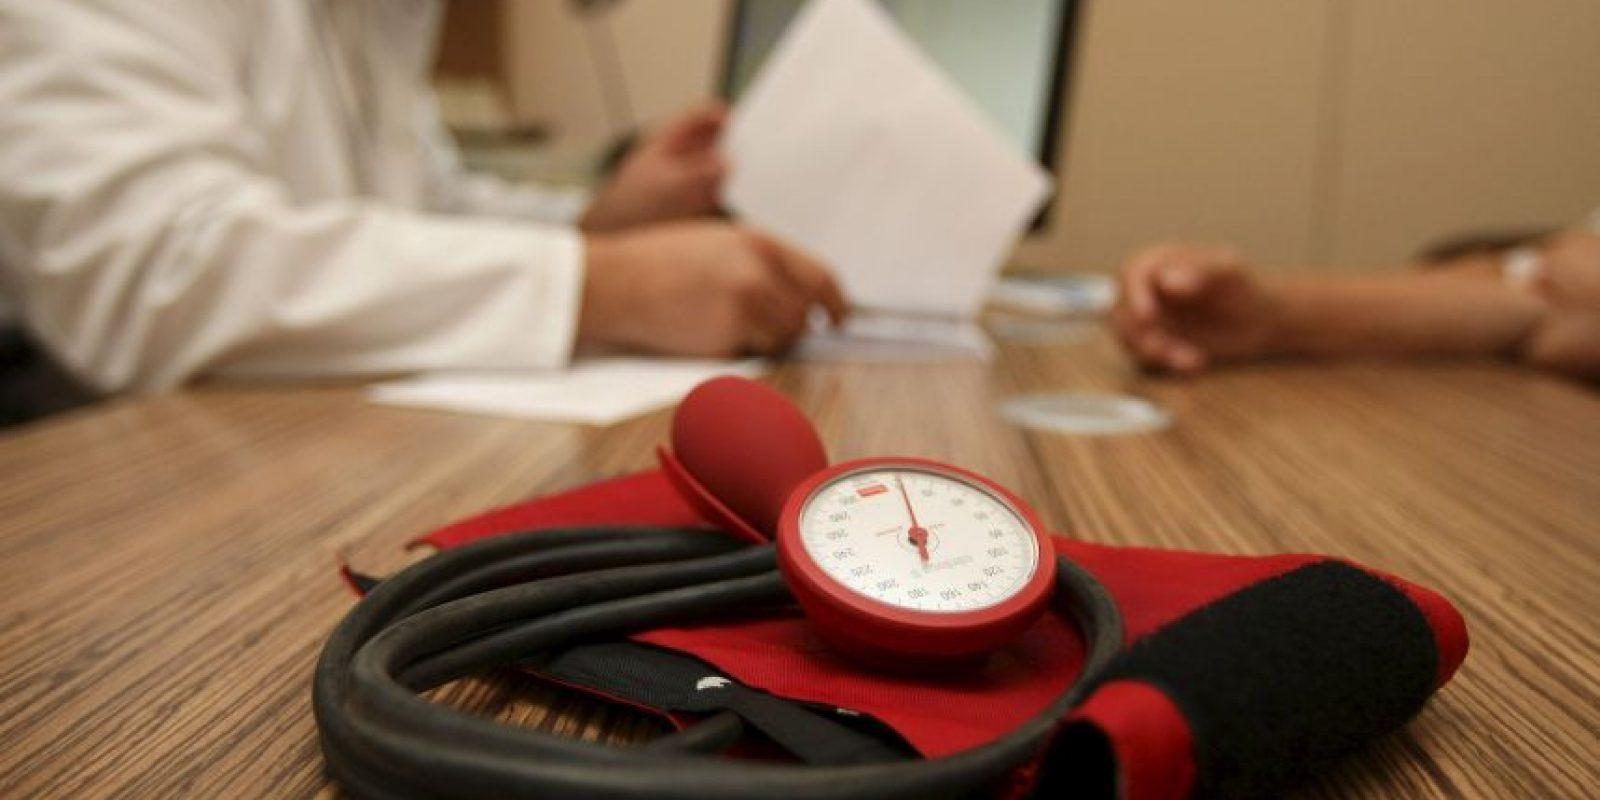 Es importante que al localizar alguna protuberancia o bolita de inmediato se acuda con el médico, pues se debe descartar un posible tumor maligno. Foto:Getty Images